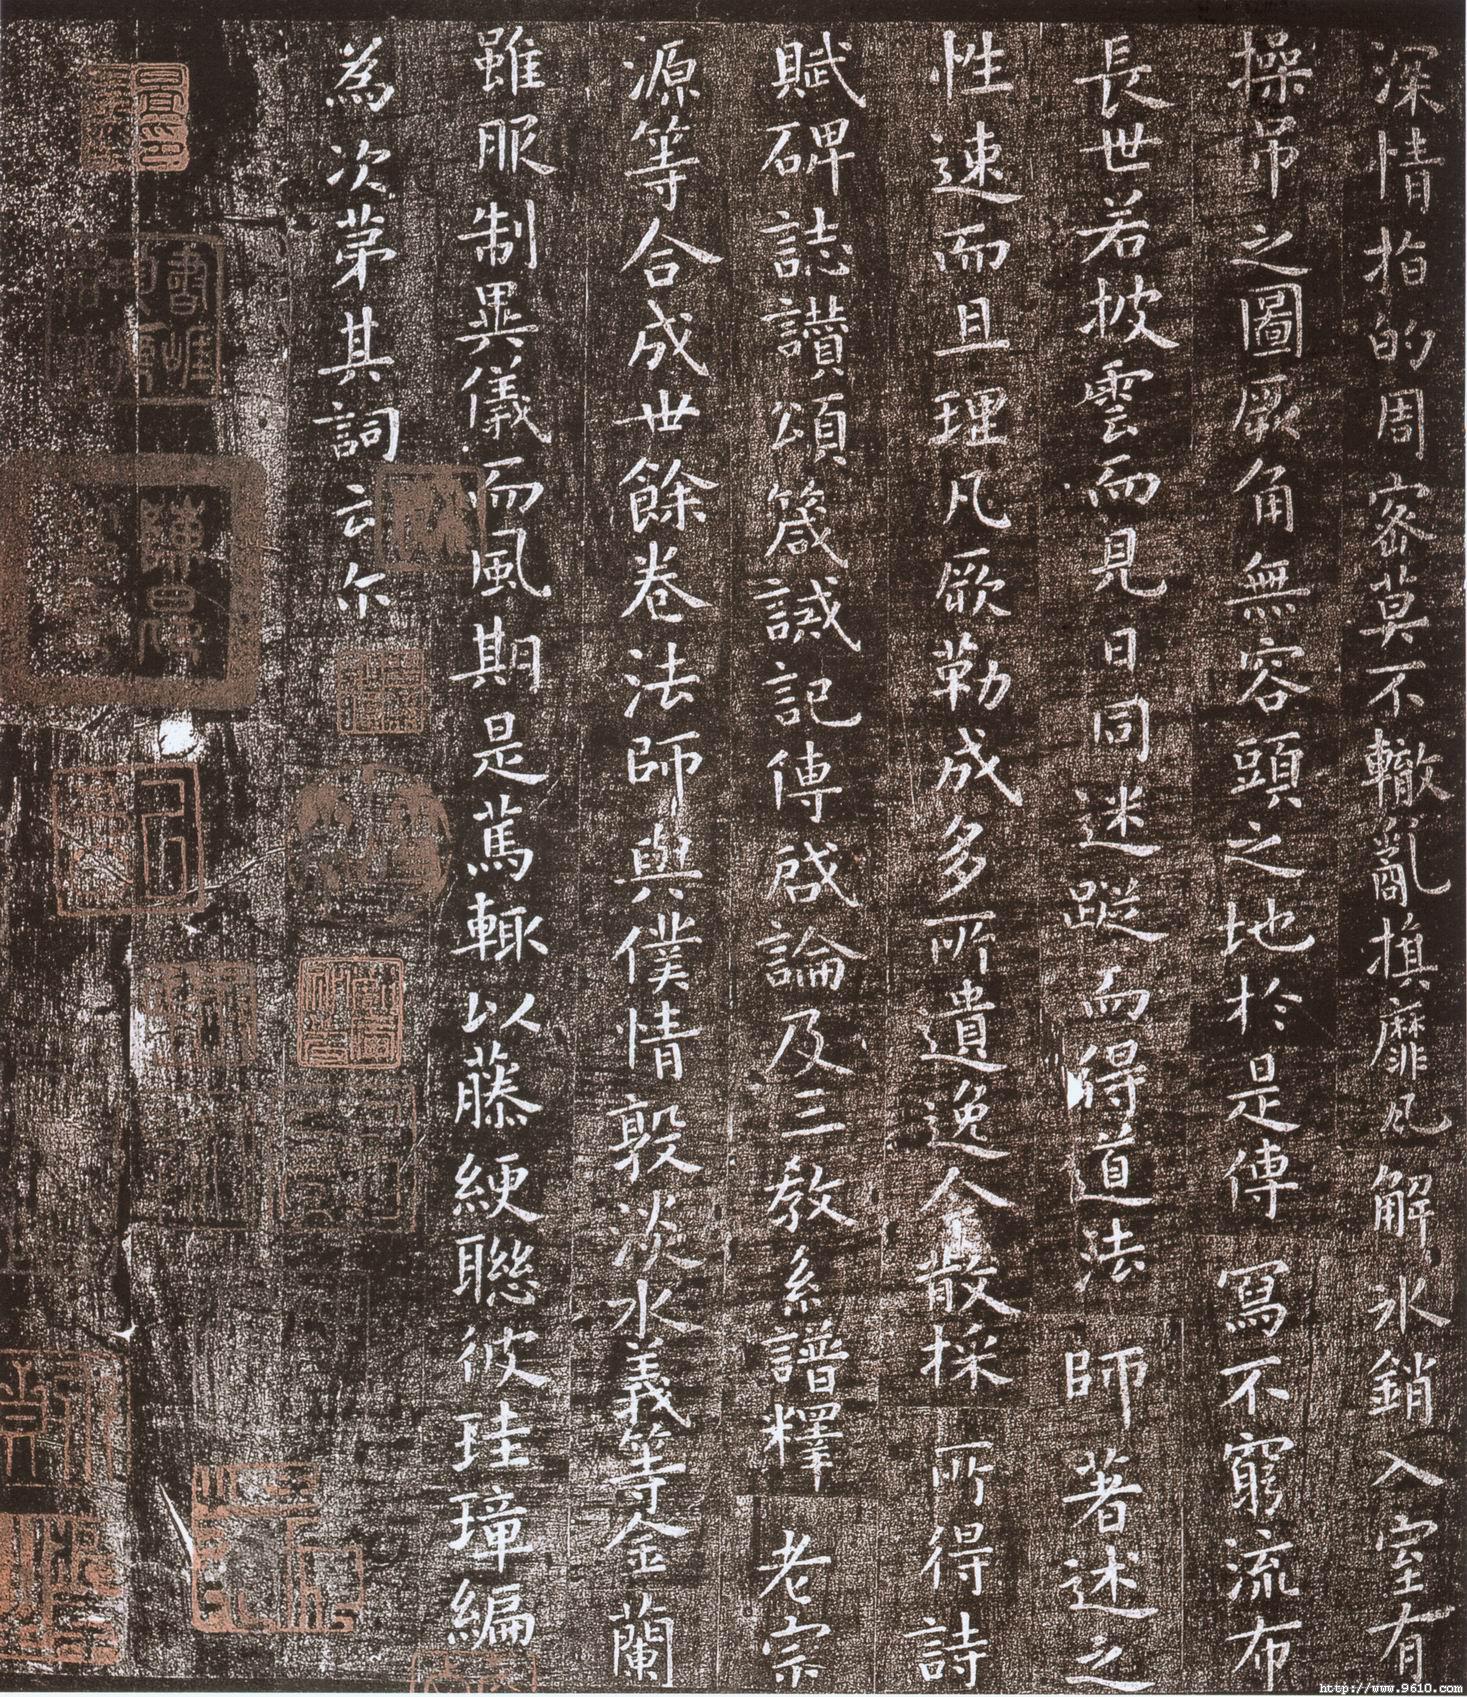 虞世南小楷《破邪论序》 - 老排长 - 老排长(6660409)